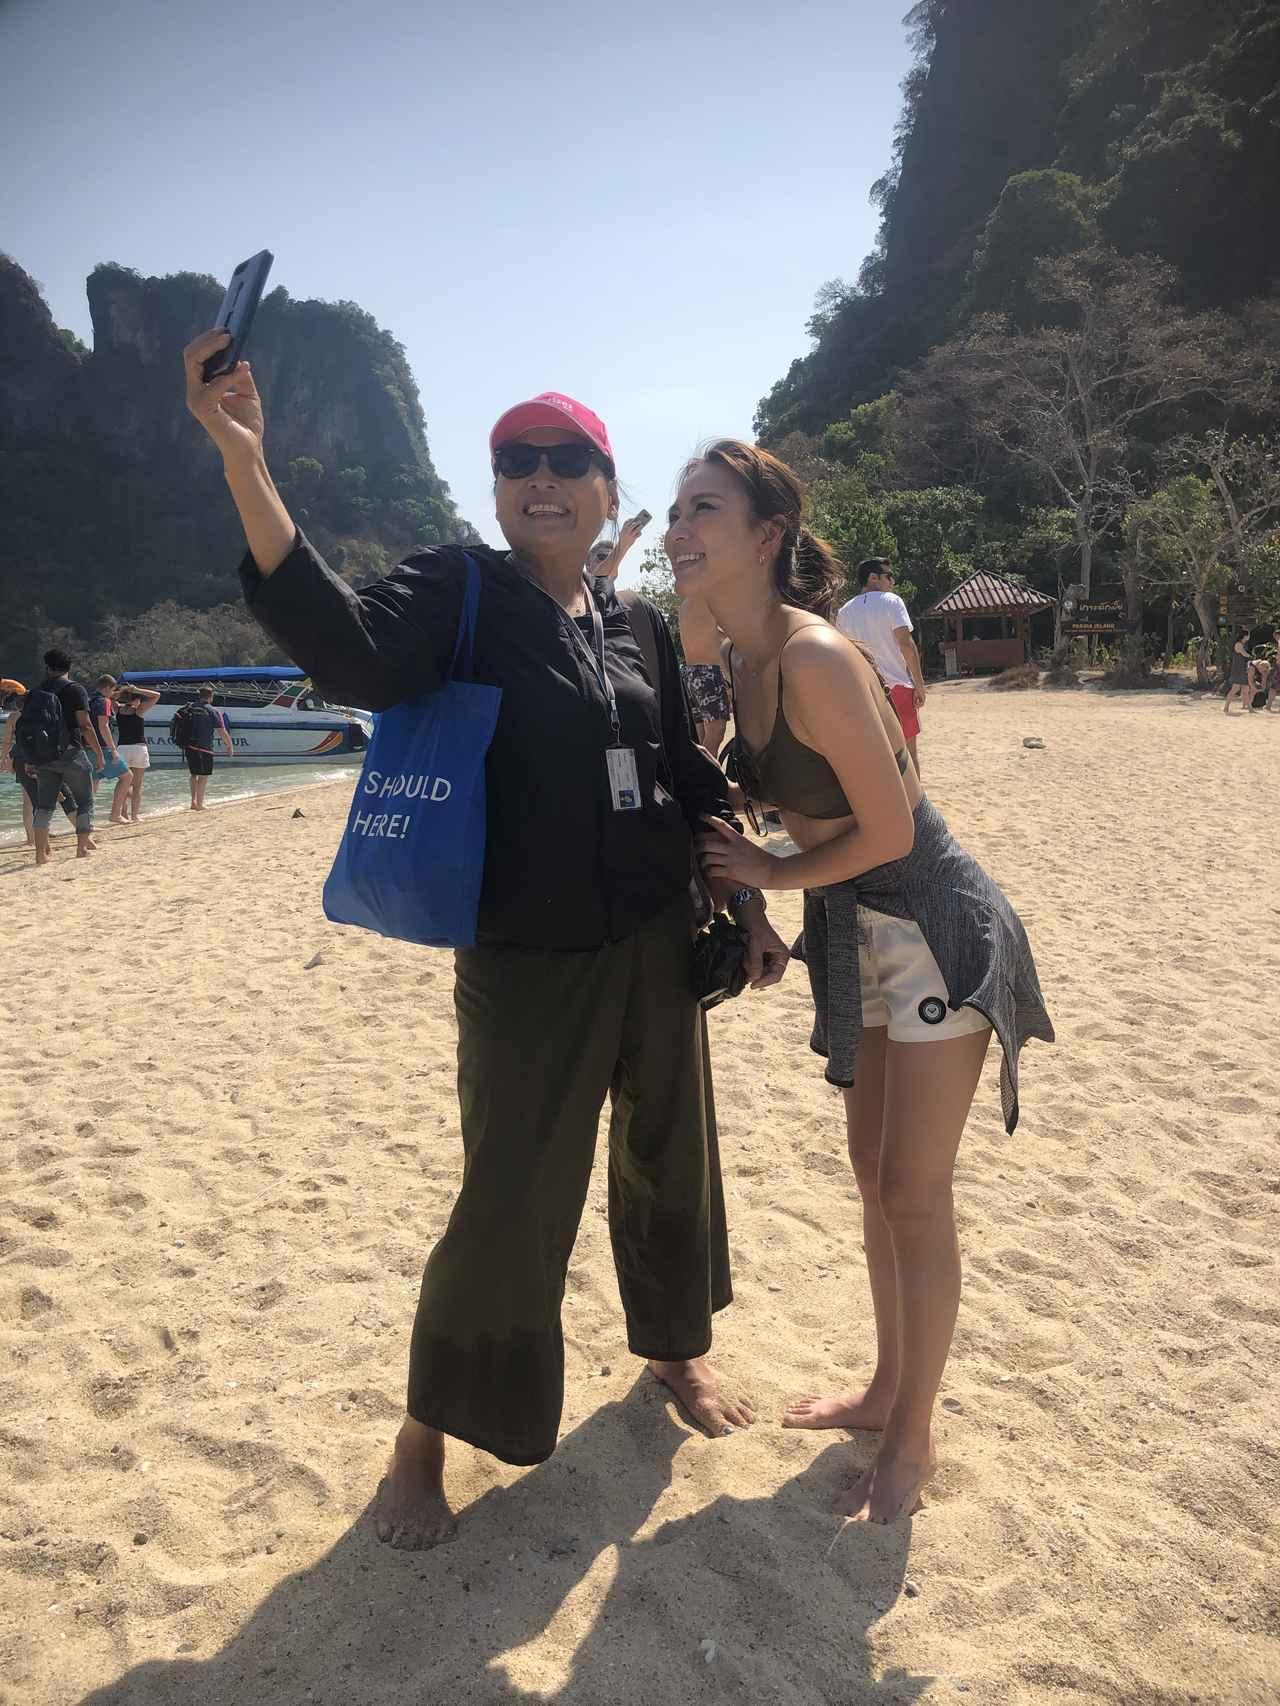 画像: お世話になったガイドさん!めっちゃ日本語上手です!旅のテクニックとして「ガイドさん/コーディネーターさん」がいるととっても心強いですよ! 一度検索してみて!!